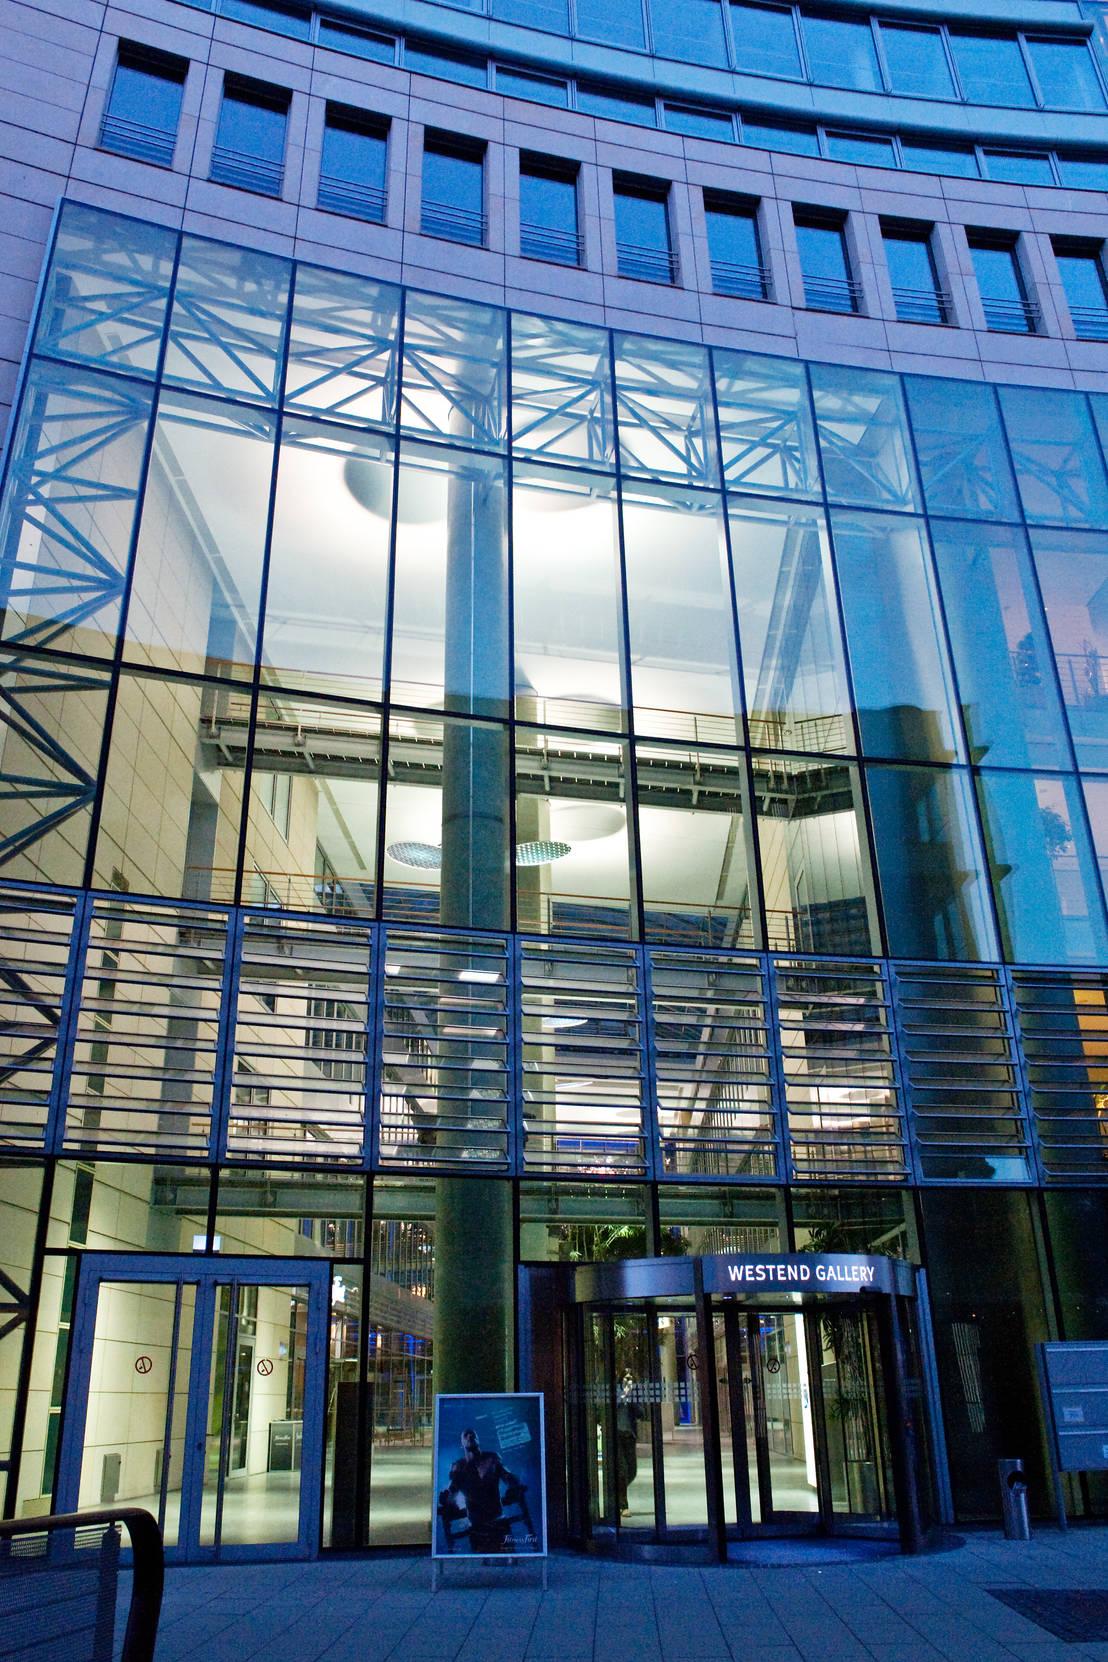 Ligthing interior design die welle frankfurt for Interior design frankfurt